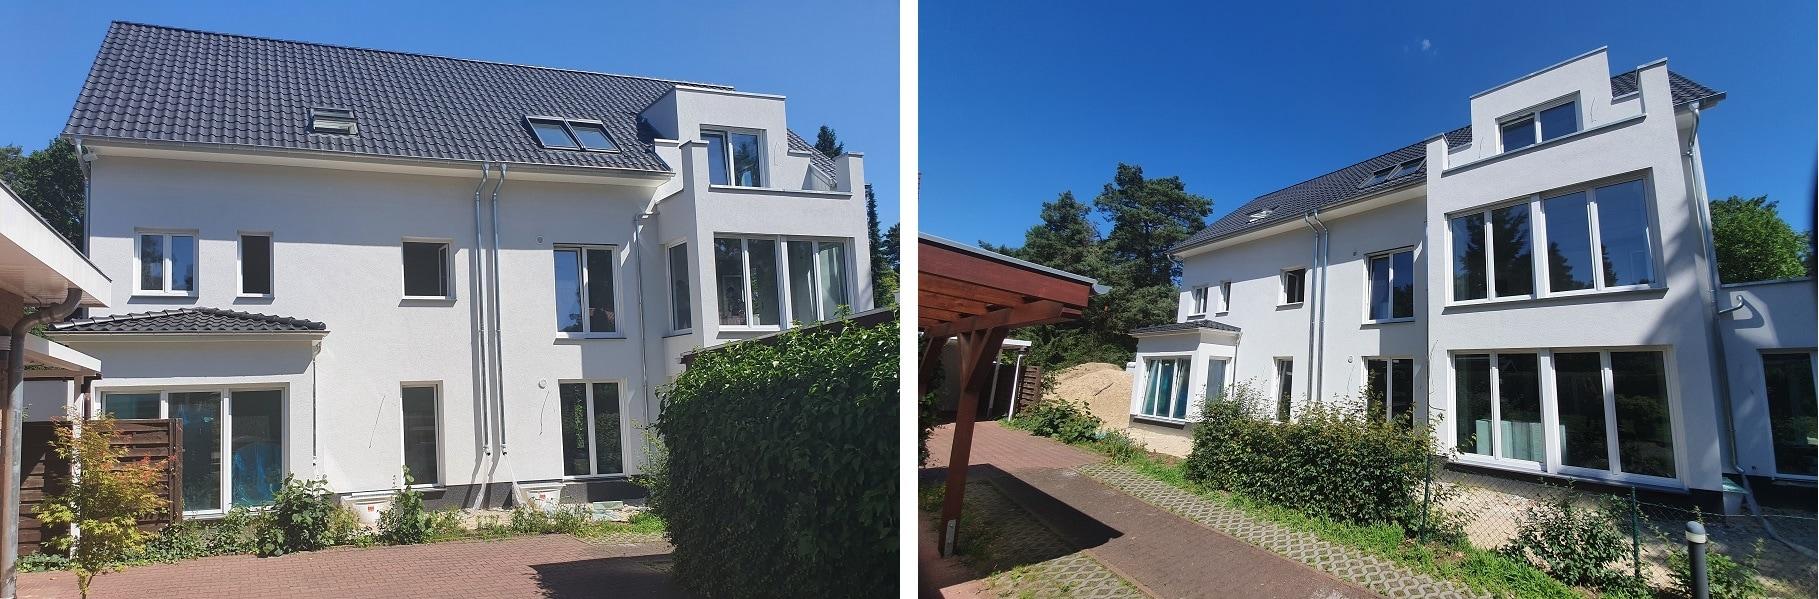 hausbesichtigung-modernes-doppelhaus-kladow-wu-keller